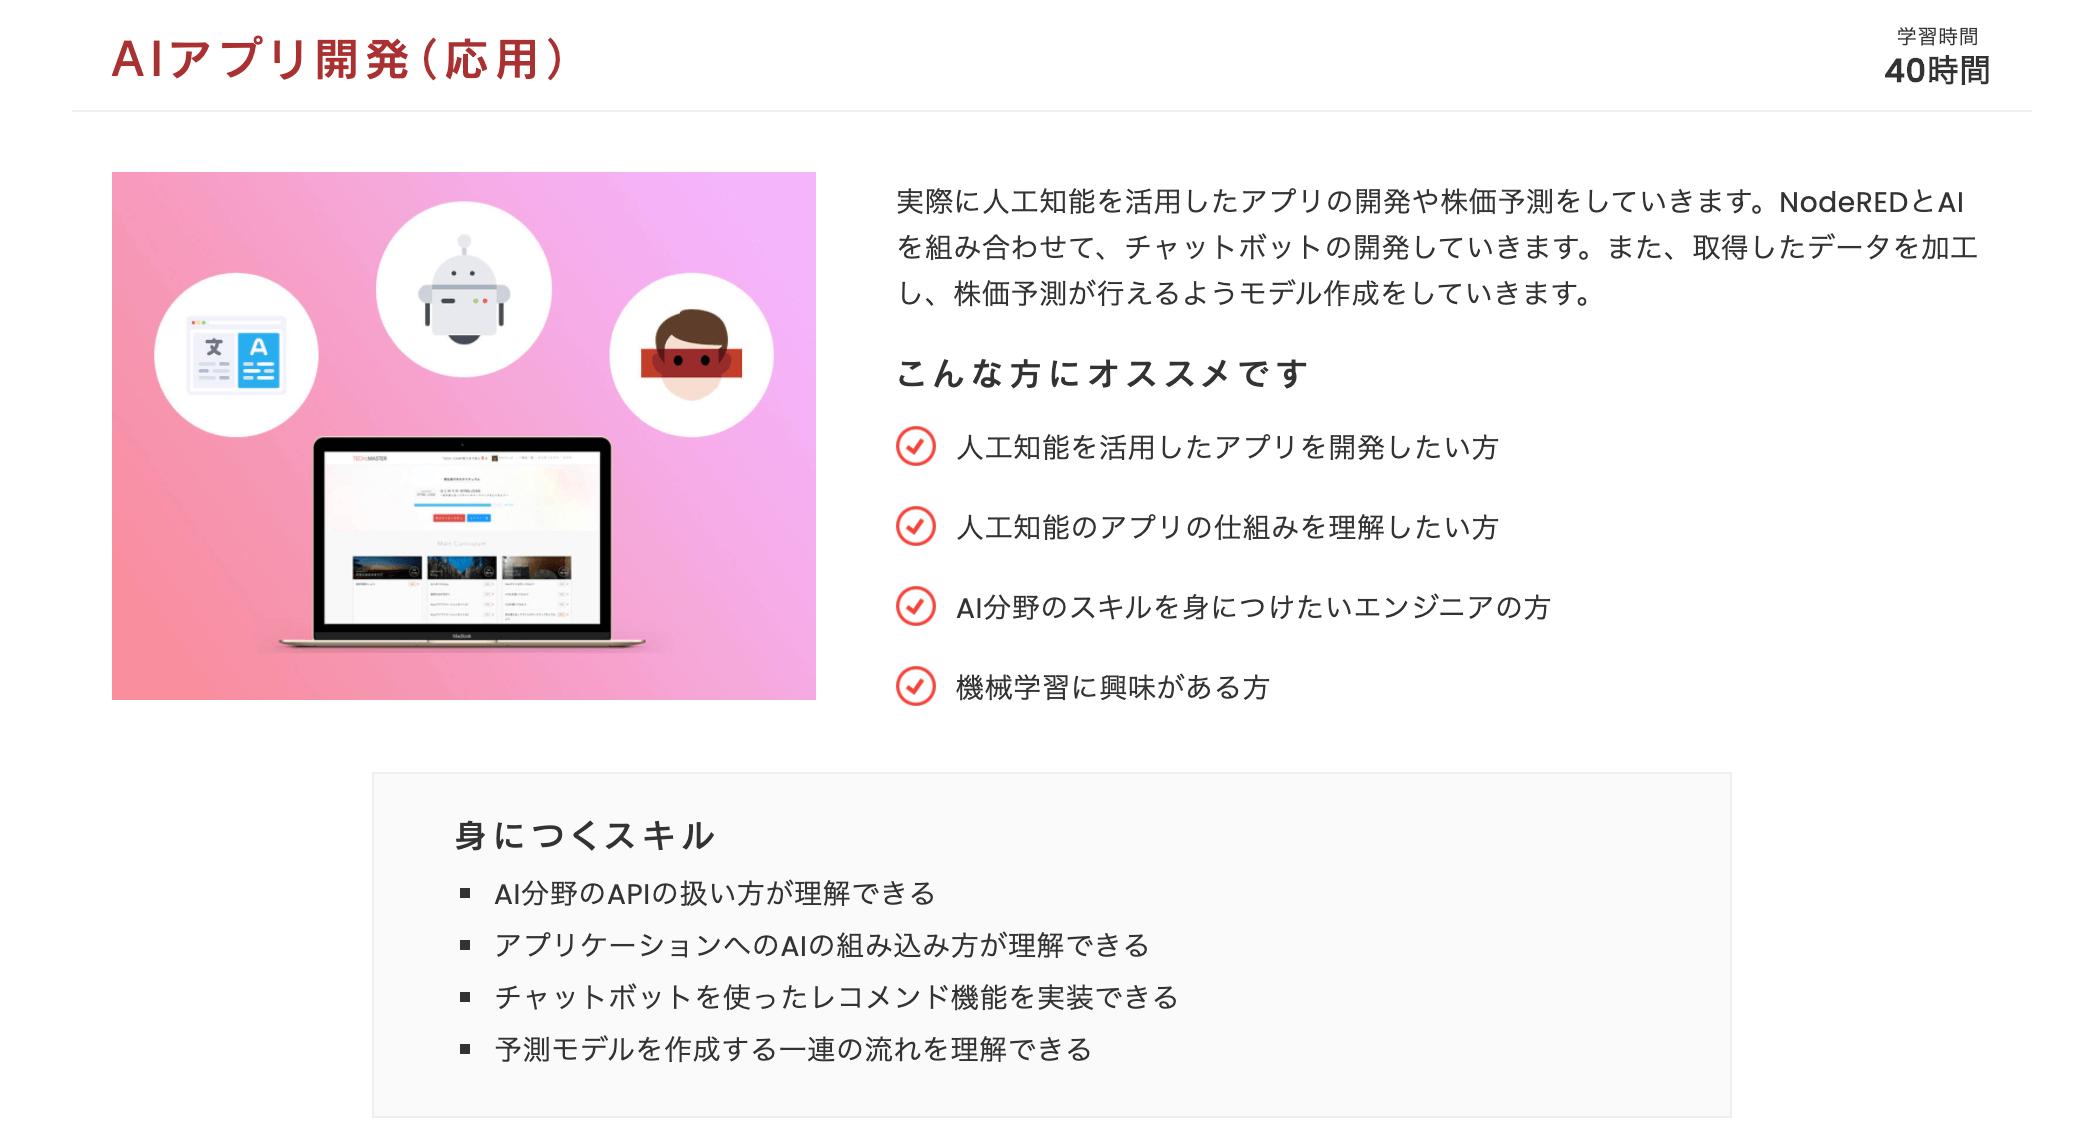 プログラミング教養 AIアプリ開発(応用)